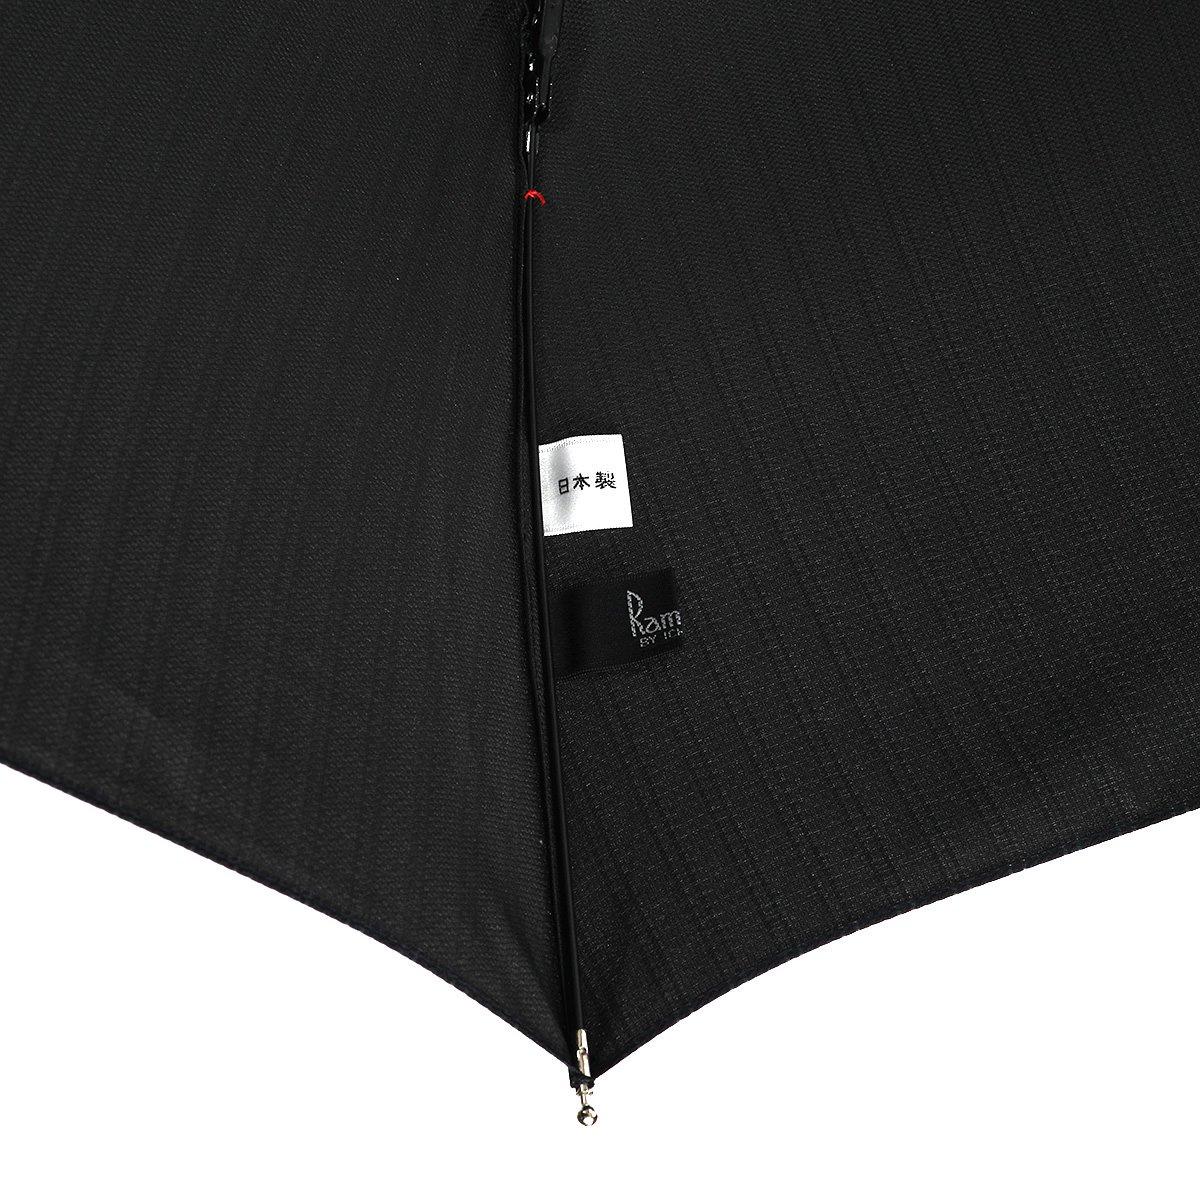 【セール】ダブルストライプ 耐風骨 折りたたみ傘 詳細画像9